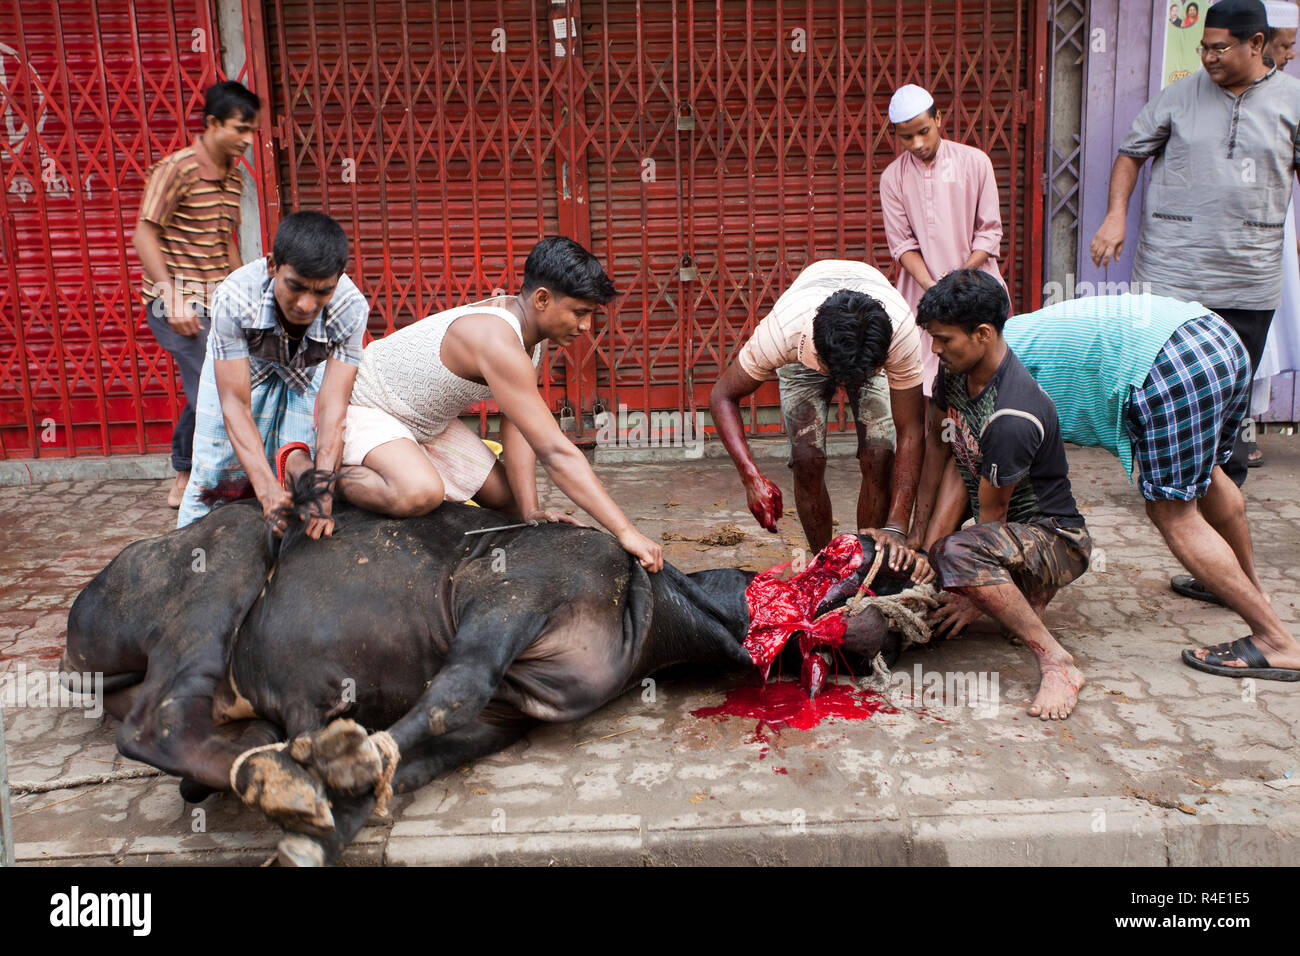 Schlachtung eines Tieres während einer der größten muslimischen feste Die Eid-ul-Azha, auch als der Eid des Opfers bekannt. Dhaka, Bangladesch. Stockbild